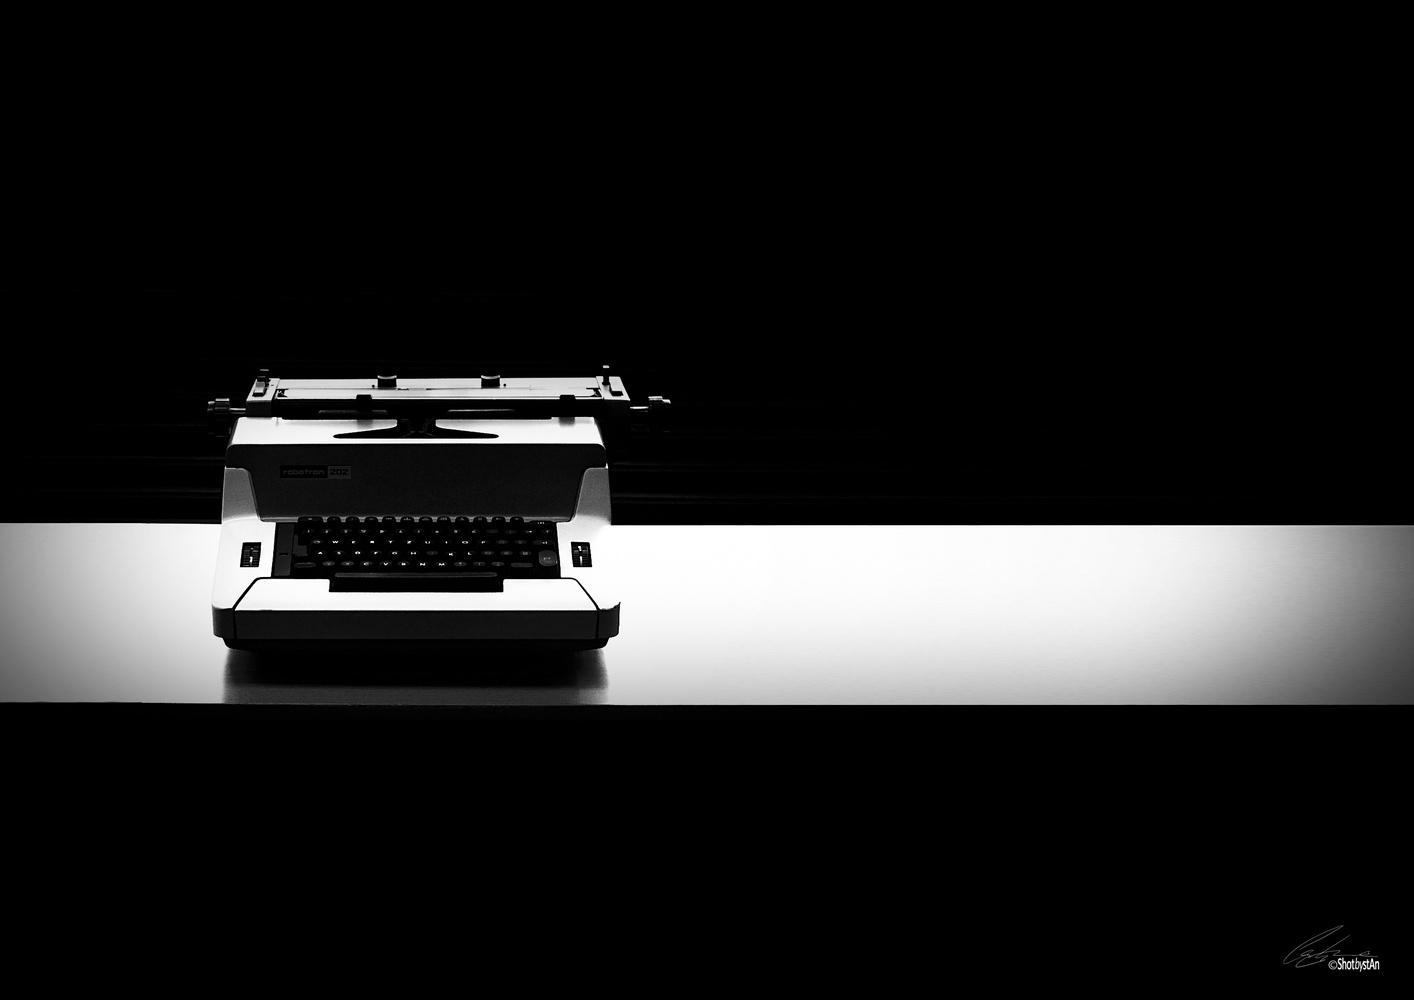 Typewriter by Chris 'stAn' Hargrave